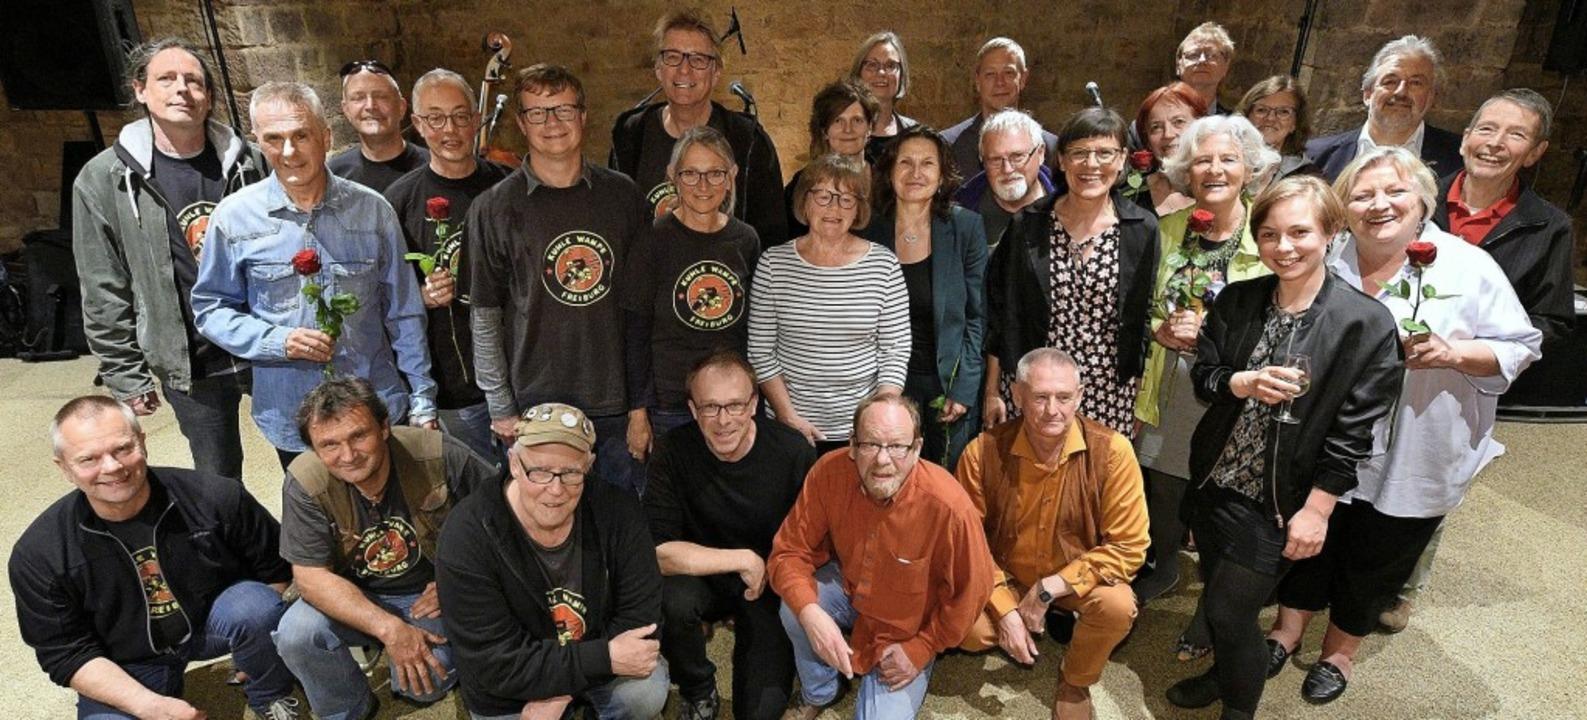 Preisträgerinnen, Preisträger, Stifter...ury versammeln sich zum  Gruppenbild.   | Foto: Thomas Kunz